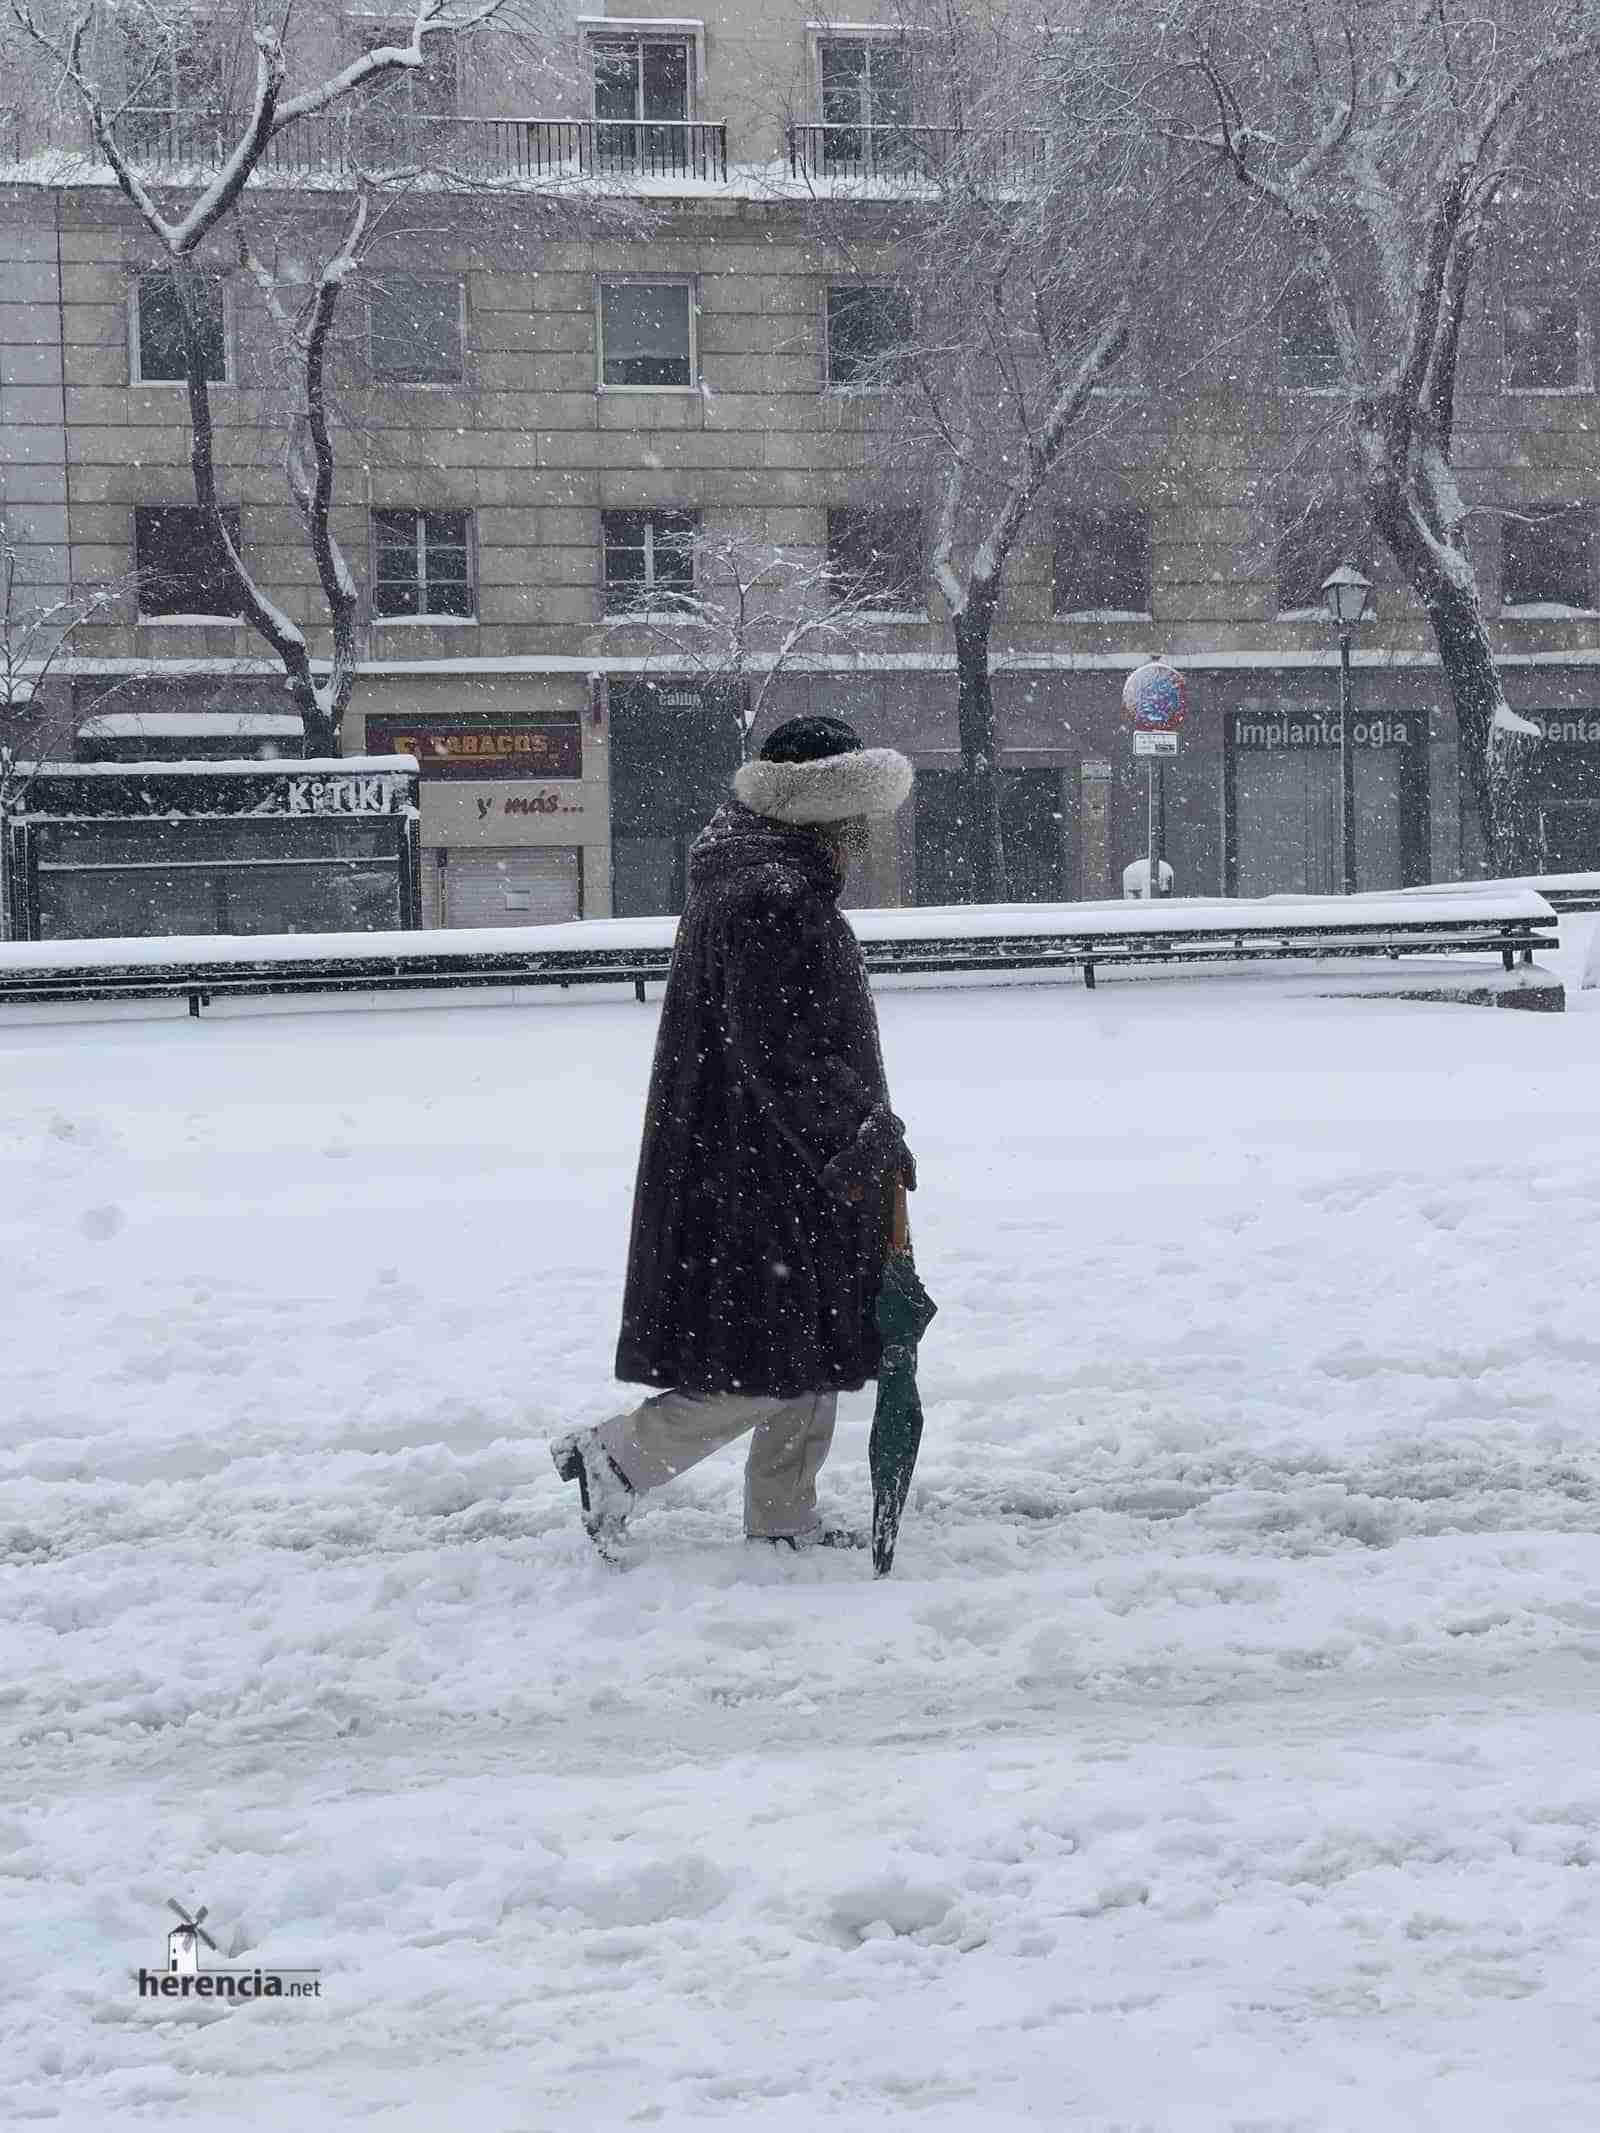 Fotografías de la nevada de enero en Madrid (España) 125